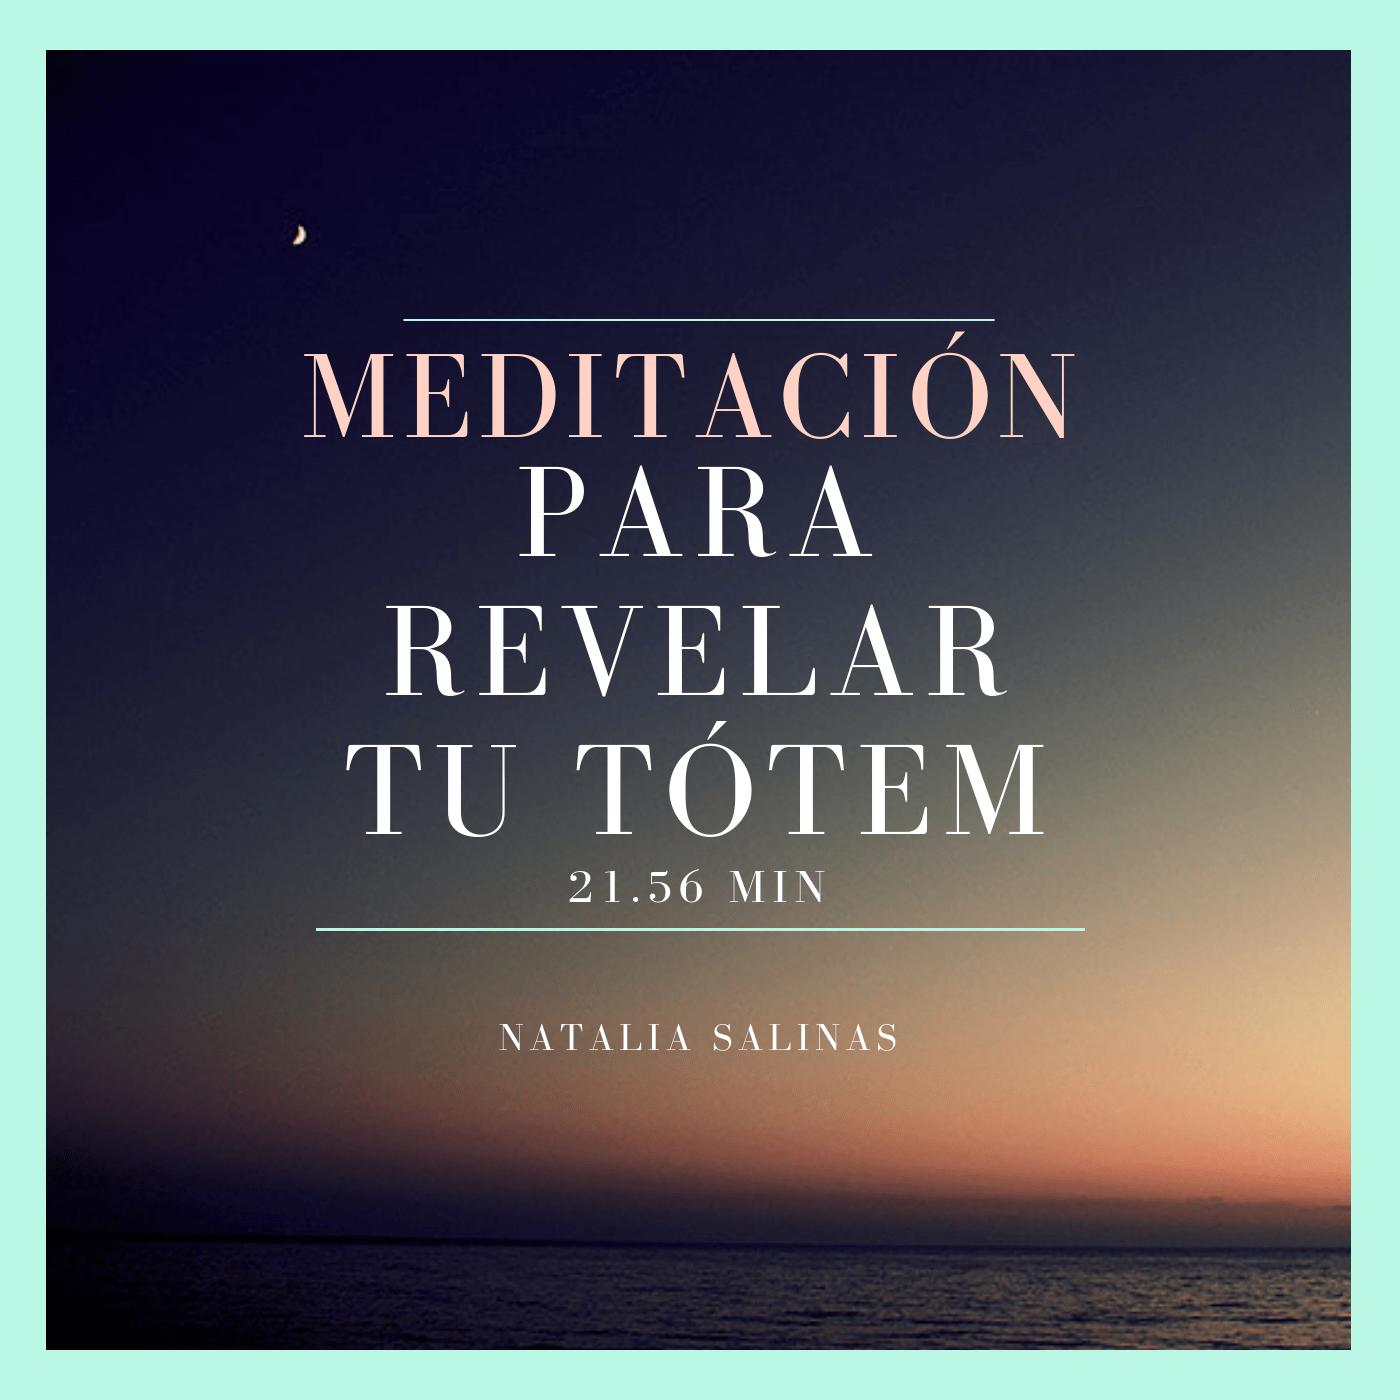 meditación para revelar tótem